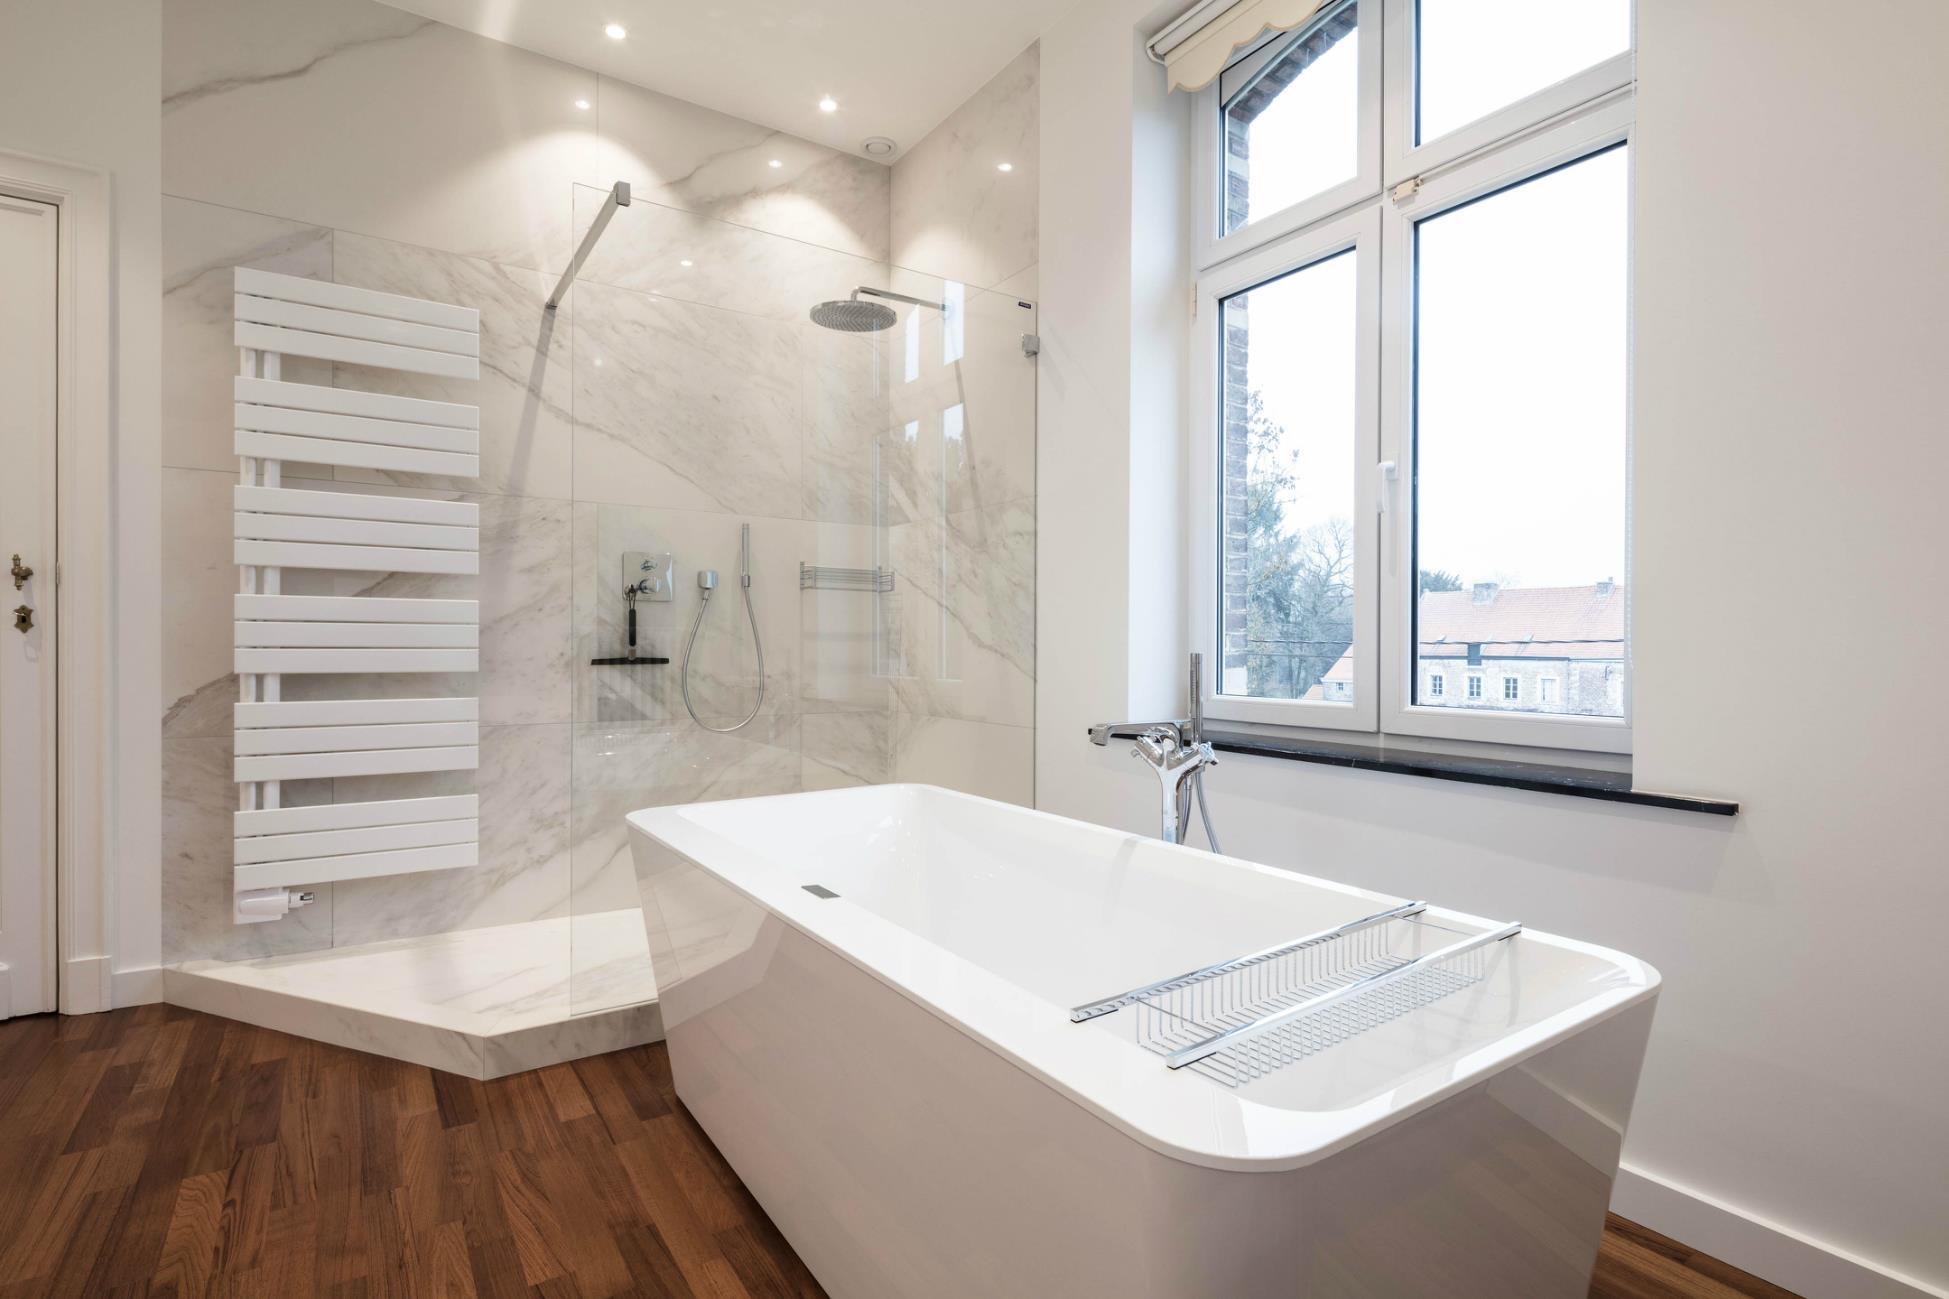 Salle de bain avec parquet - réalisations - Renov Management